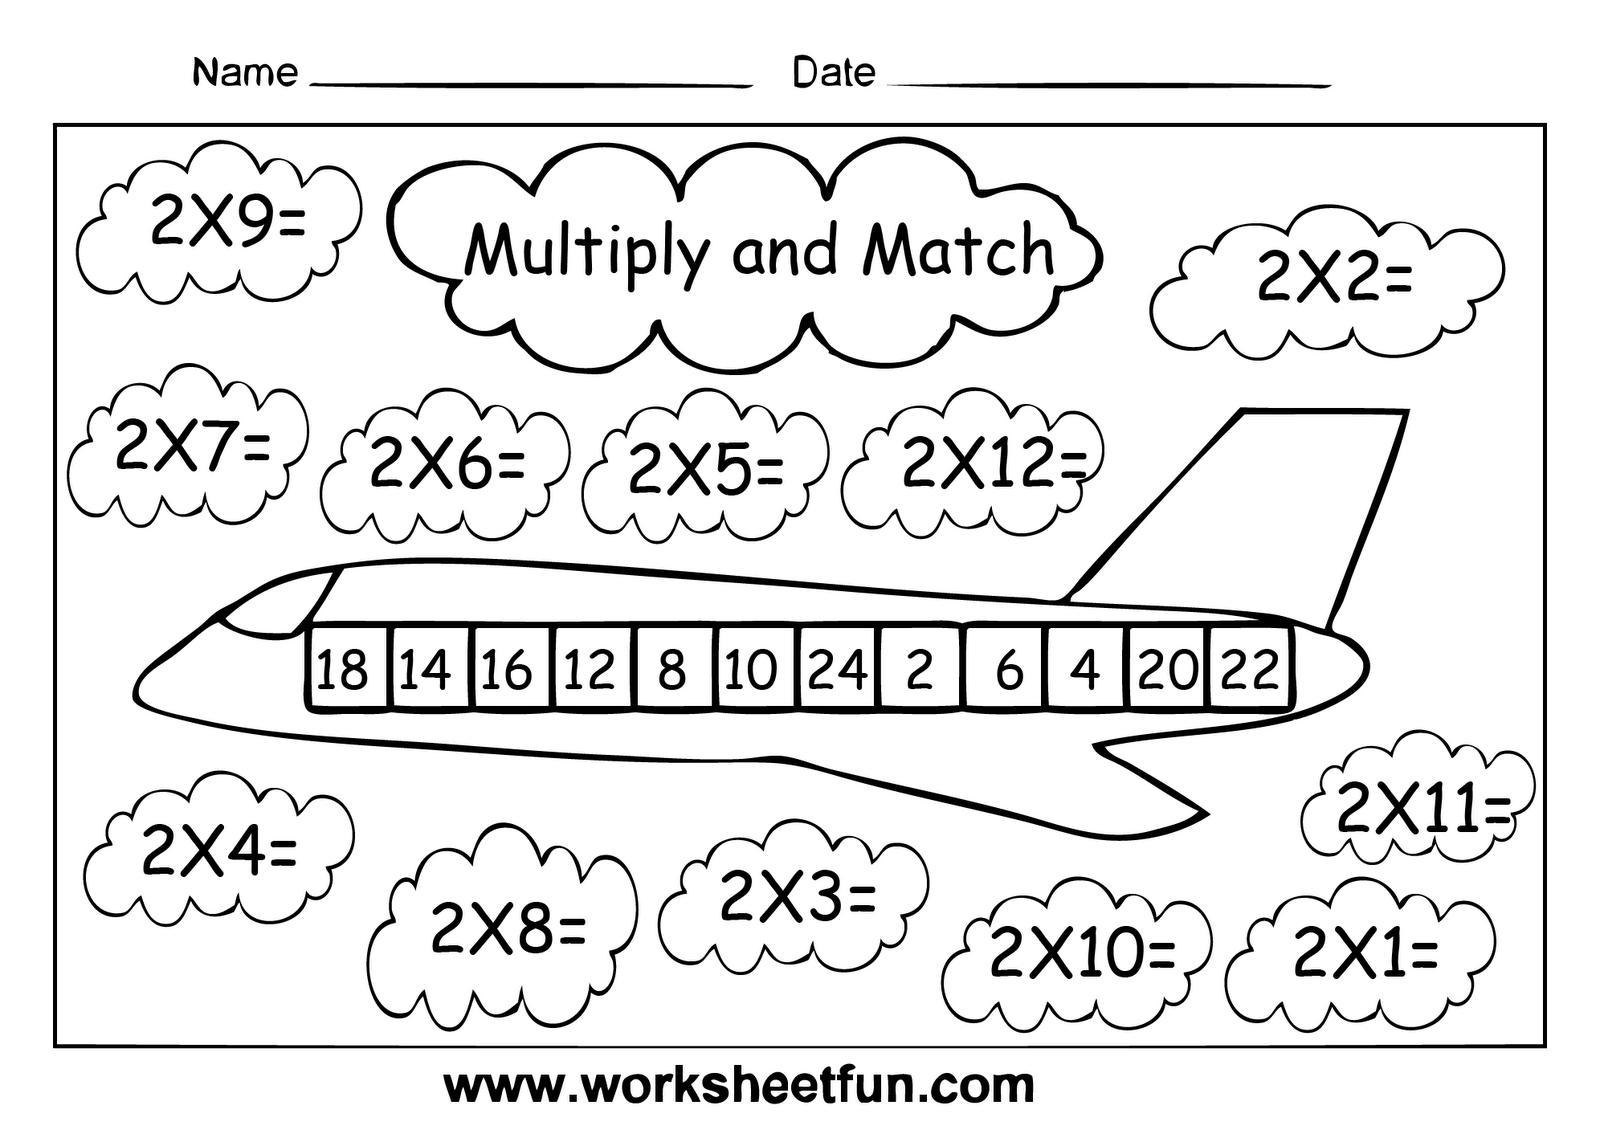 Multiplication Worksheets Level 1 3